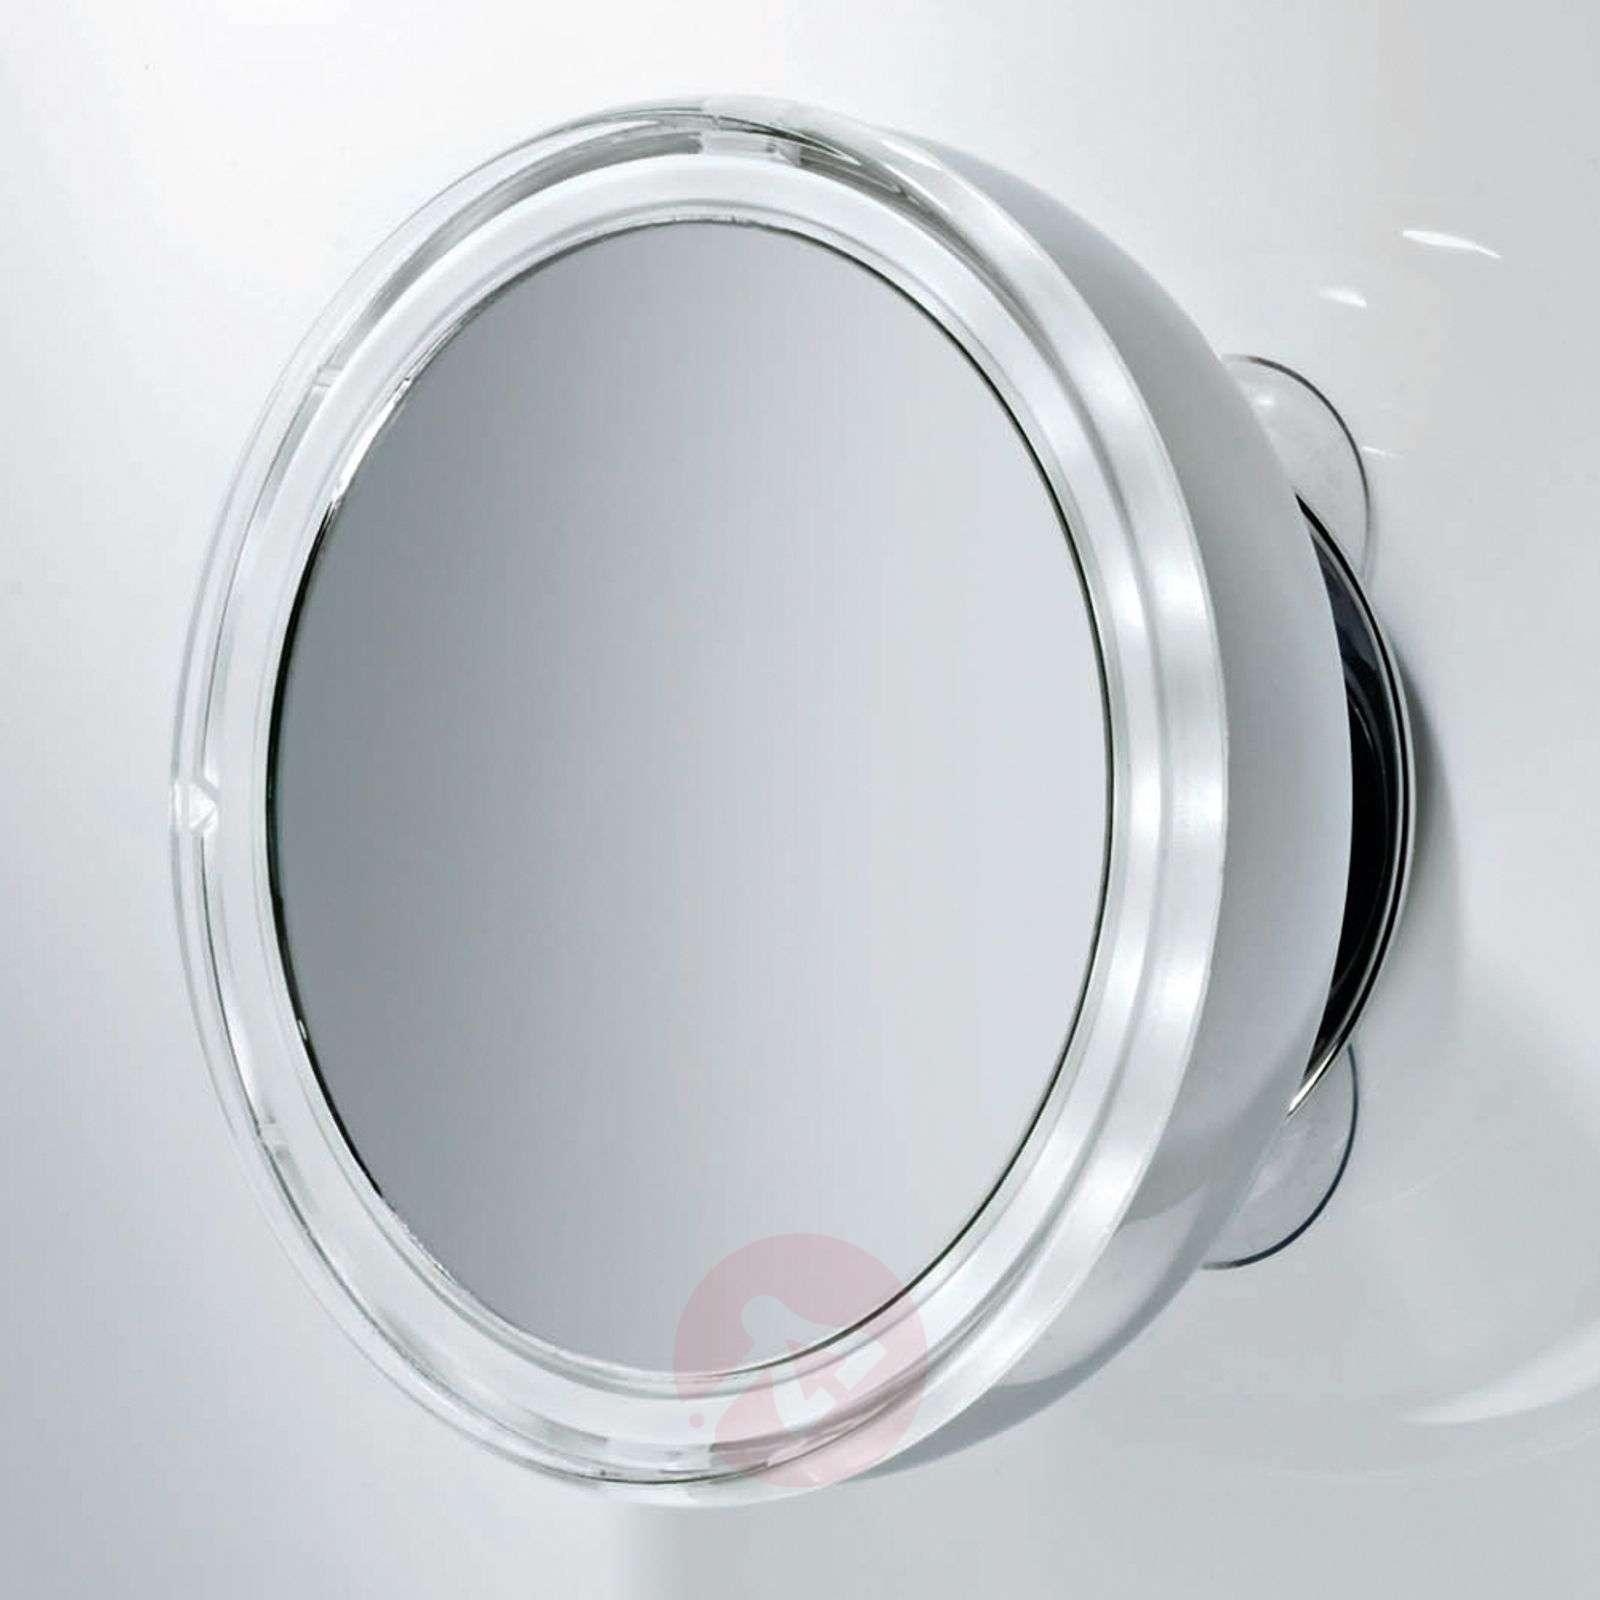 BS 10 illuminated travel mirror-2504360-01